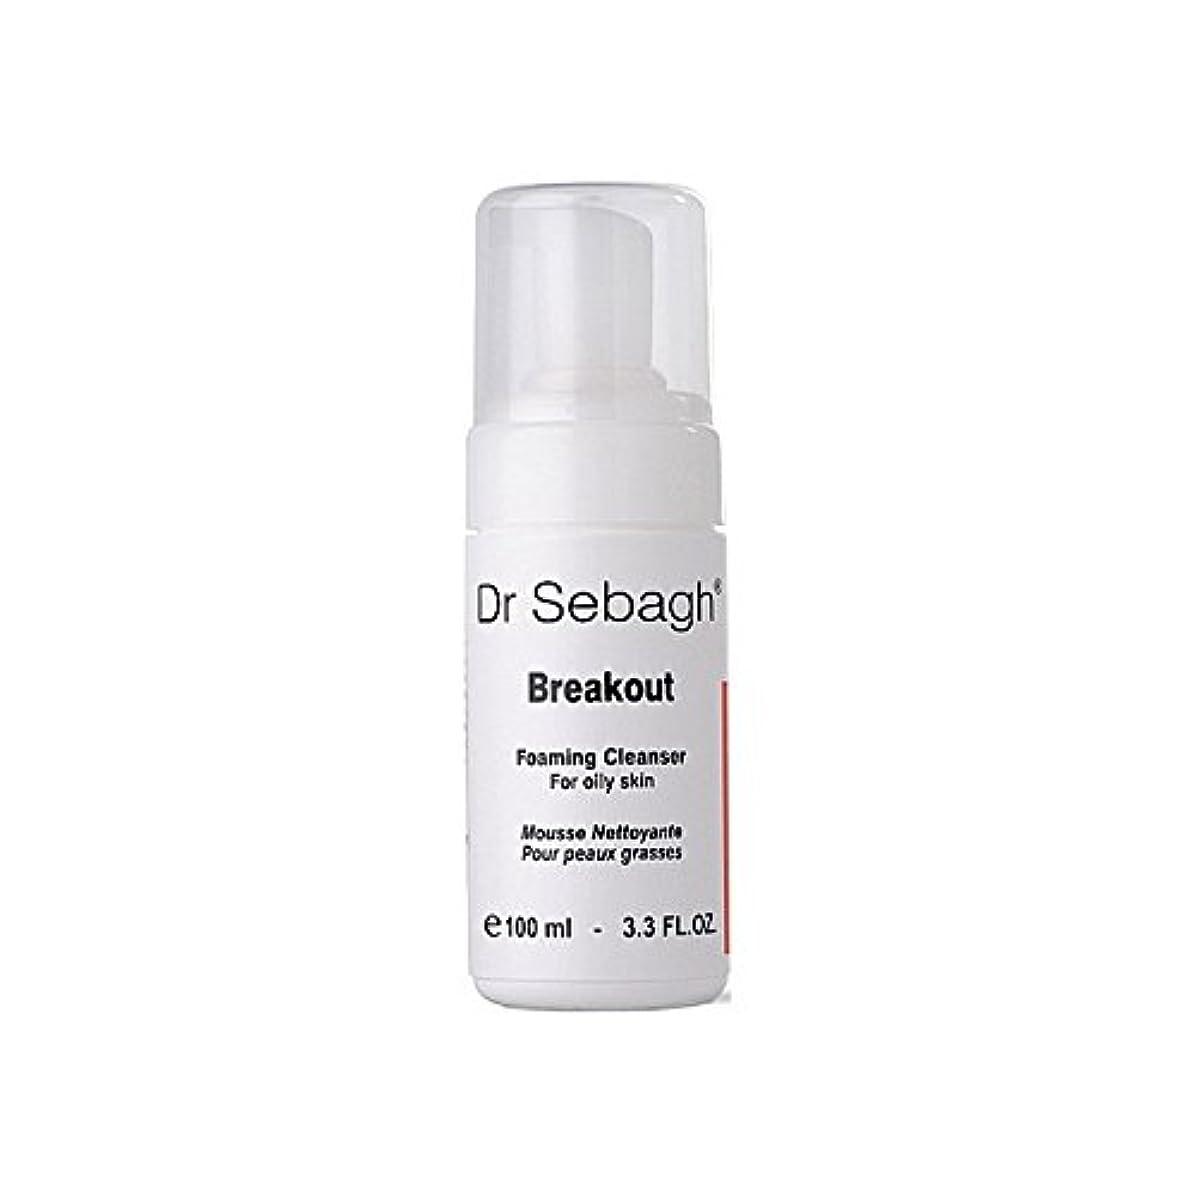 ストレンジャー華氏赤道クレンザーを発泡の のブレイクアウト x4 - Dr Sebagh Breakout Foaming Cleanser (Pack of 4) [並行輸入品]